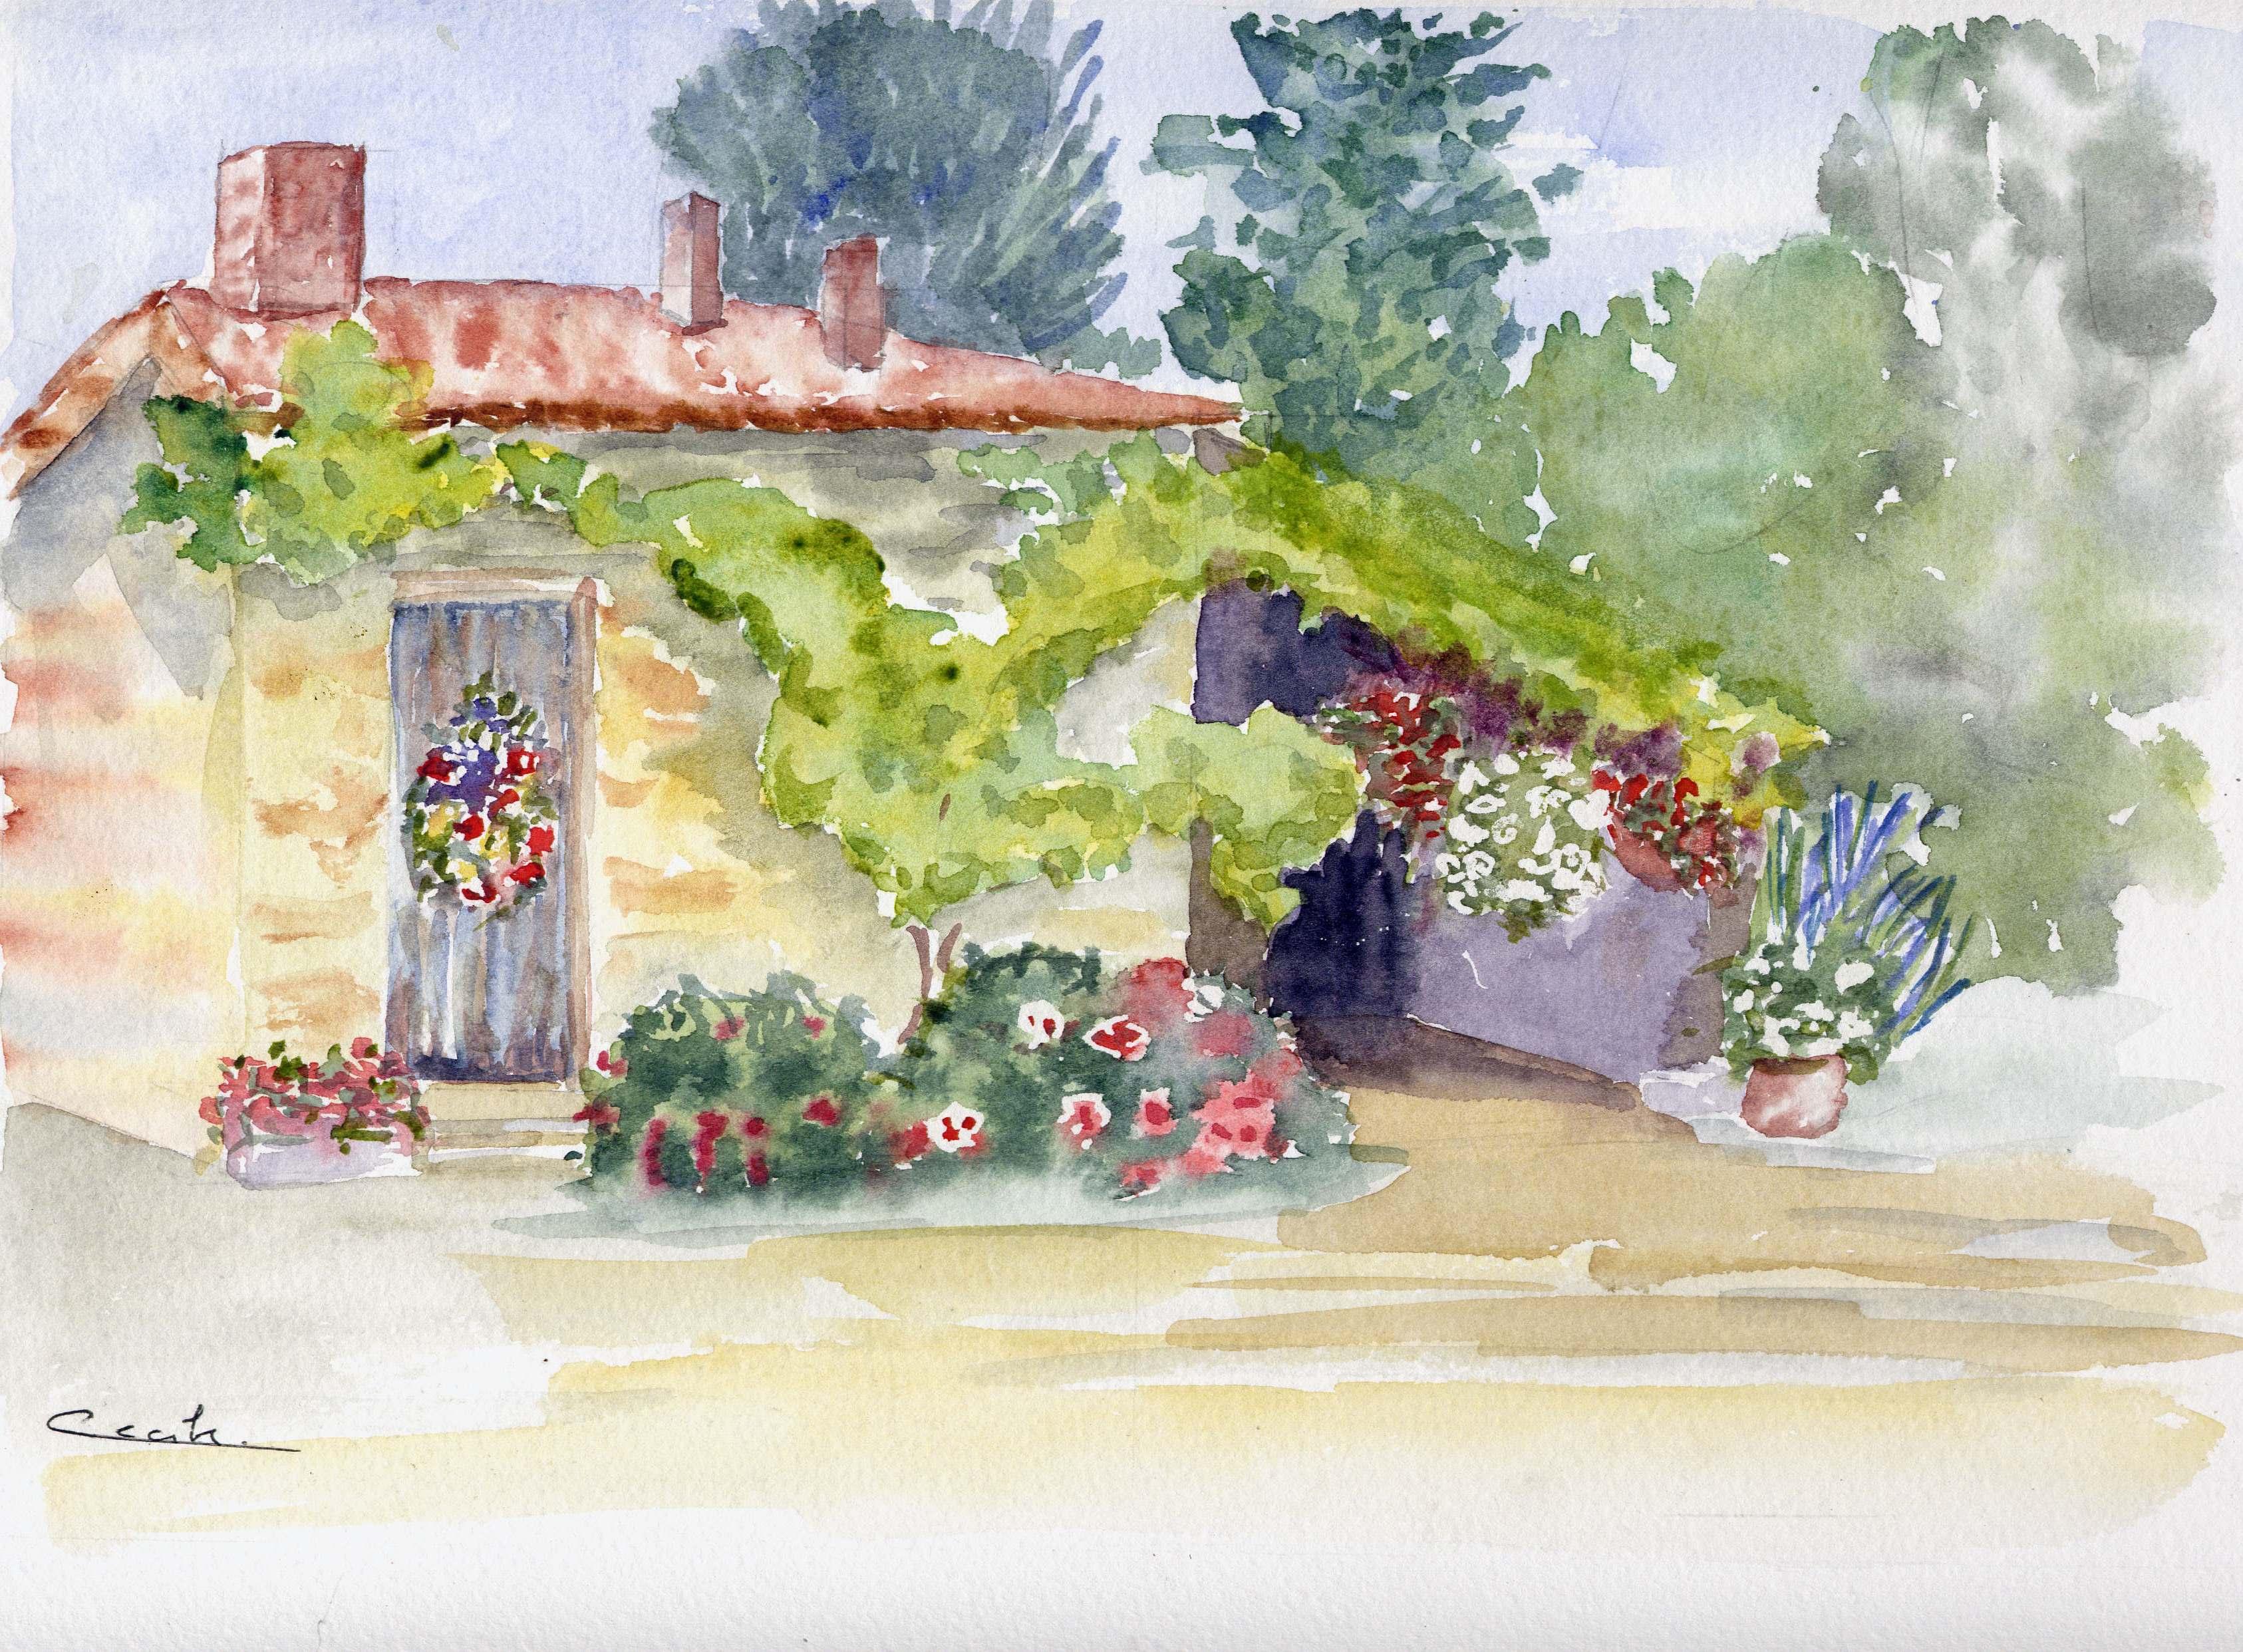 la petite maison (four à pain)